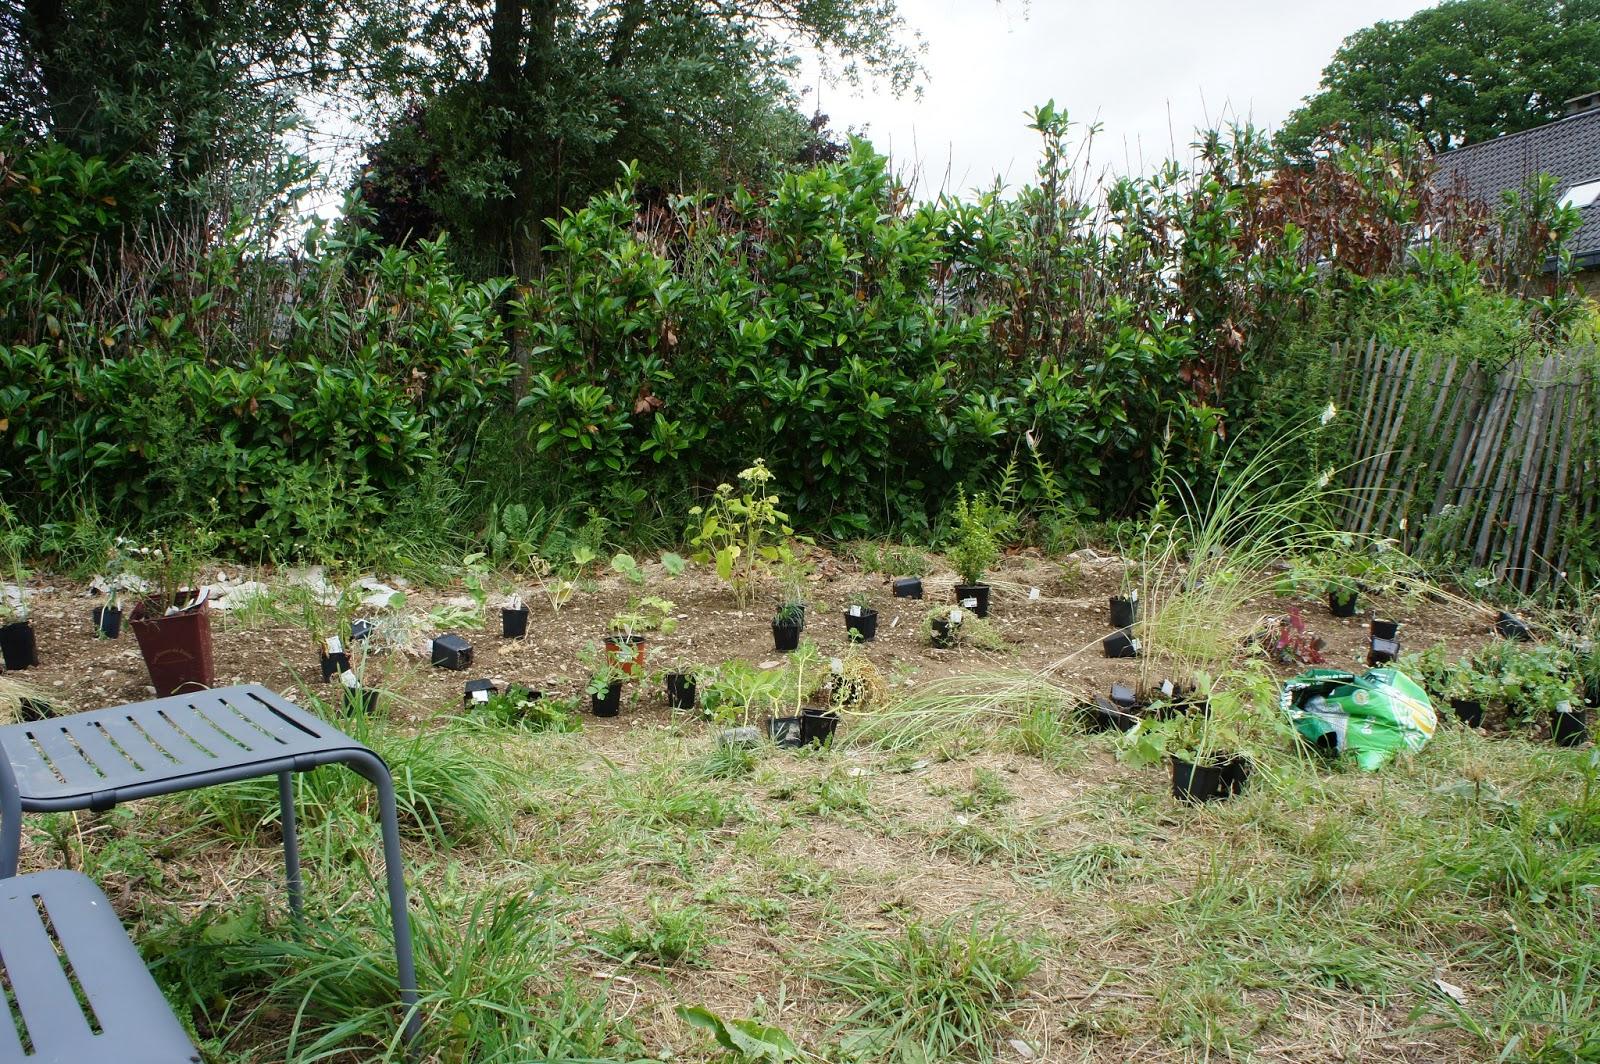 Sous le ciel ardennais le jardin blanc 4 for Jardin 4 moineaux